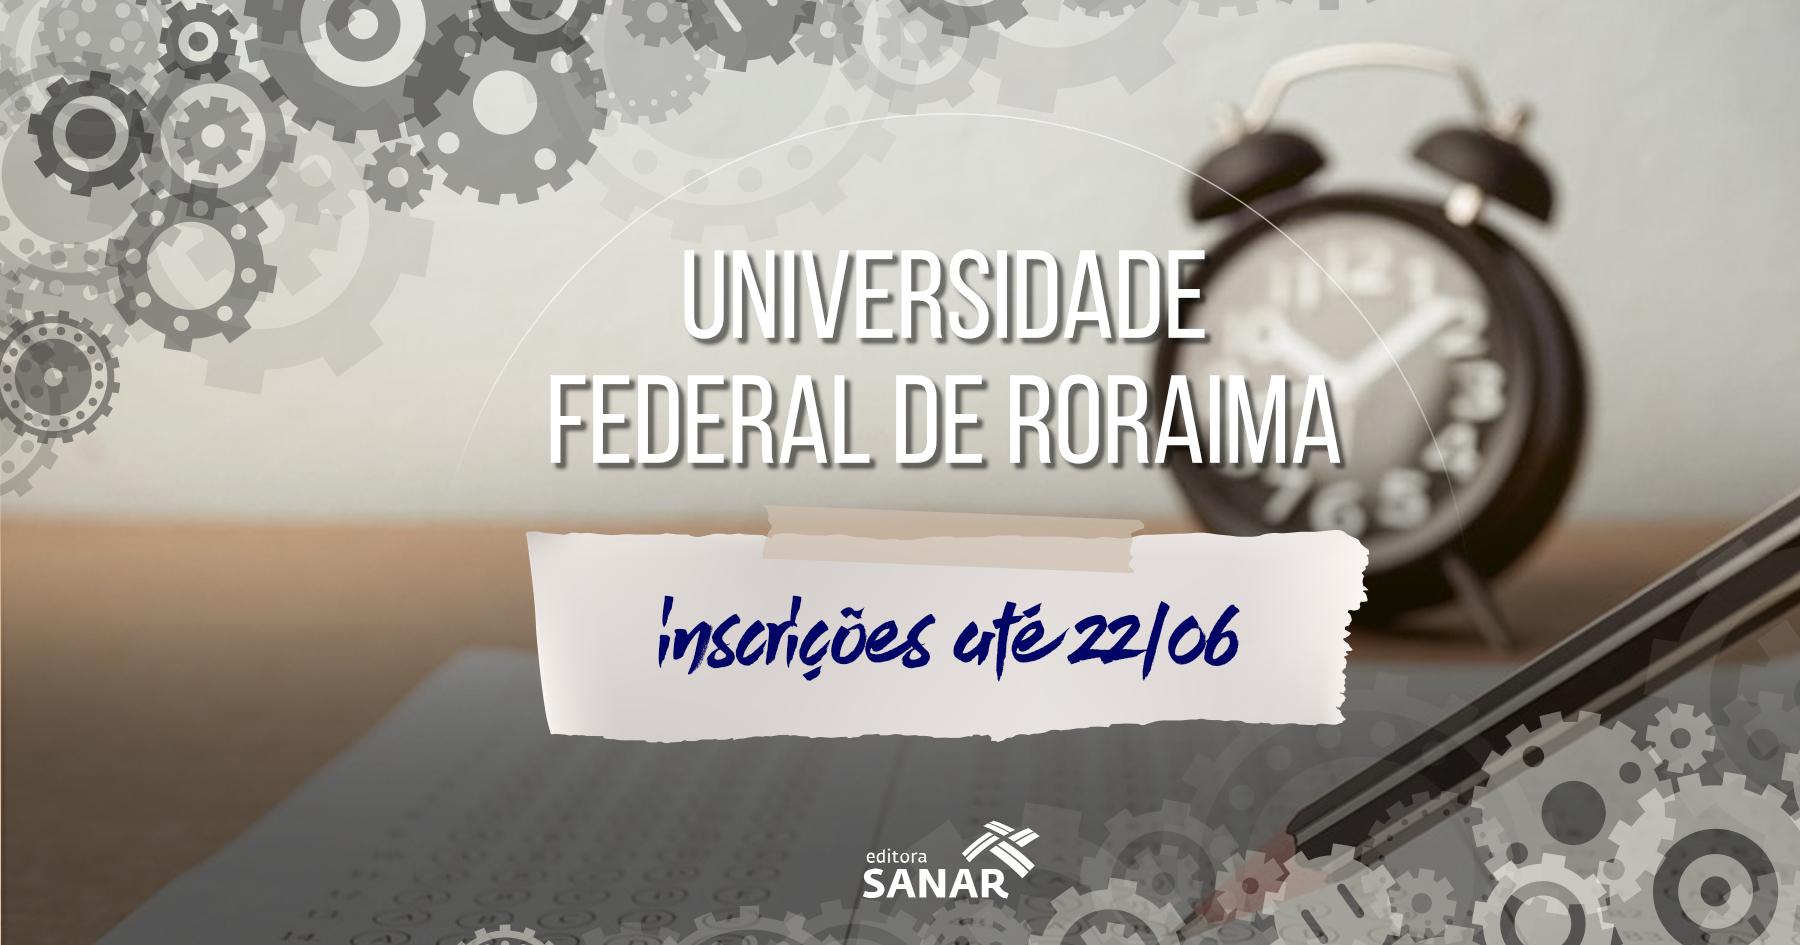 Universidade Federal de Roraima tem duas vagas em Medicina